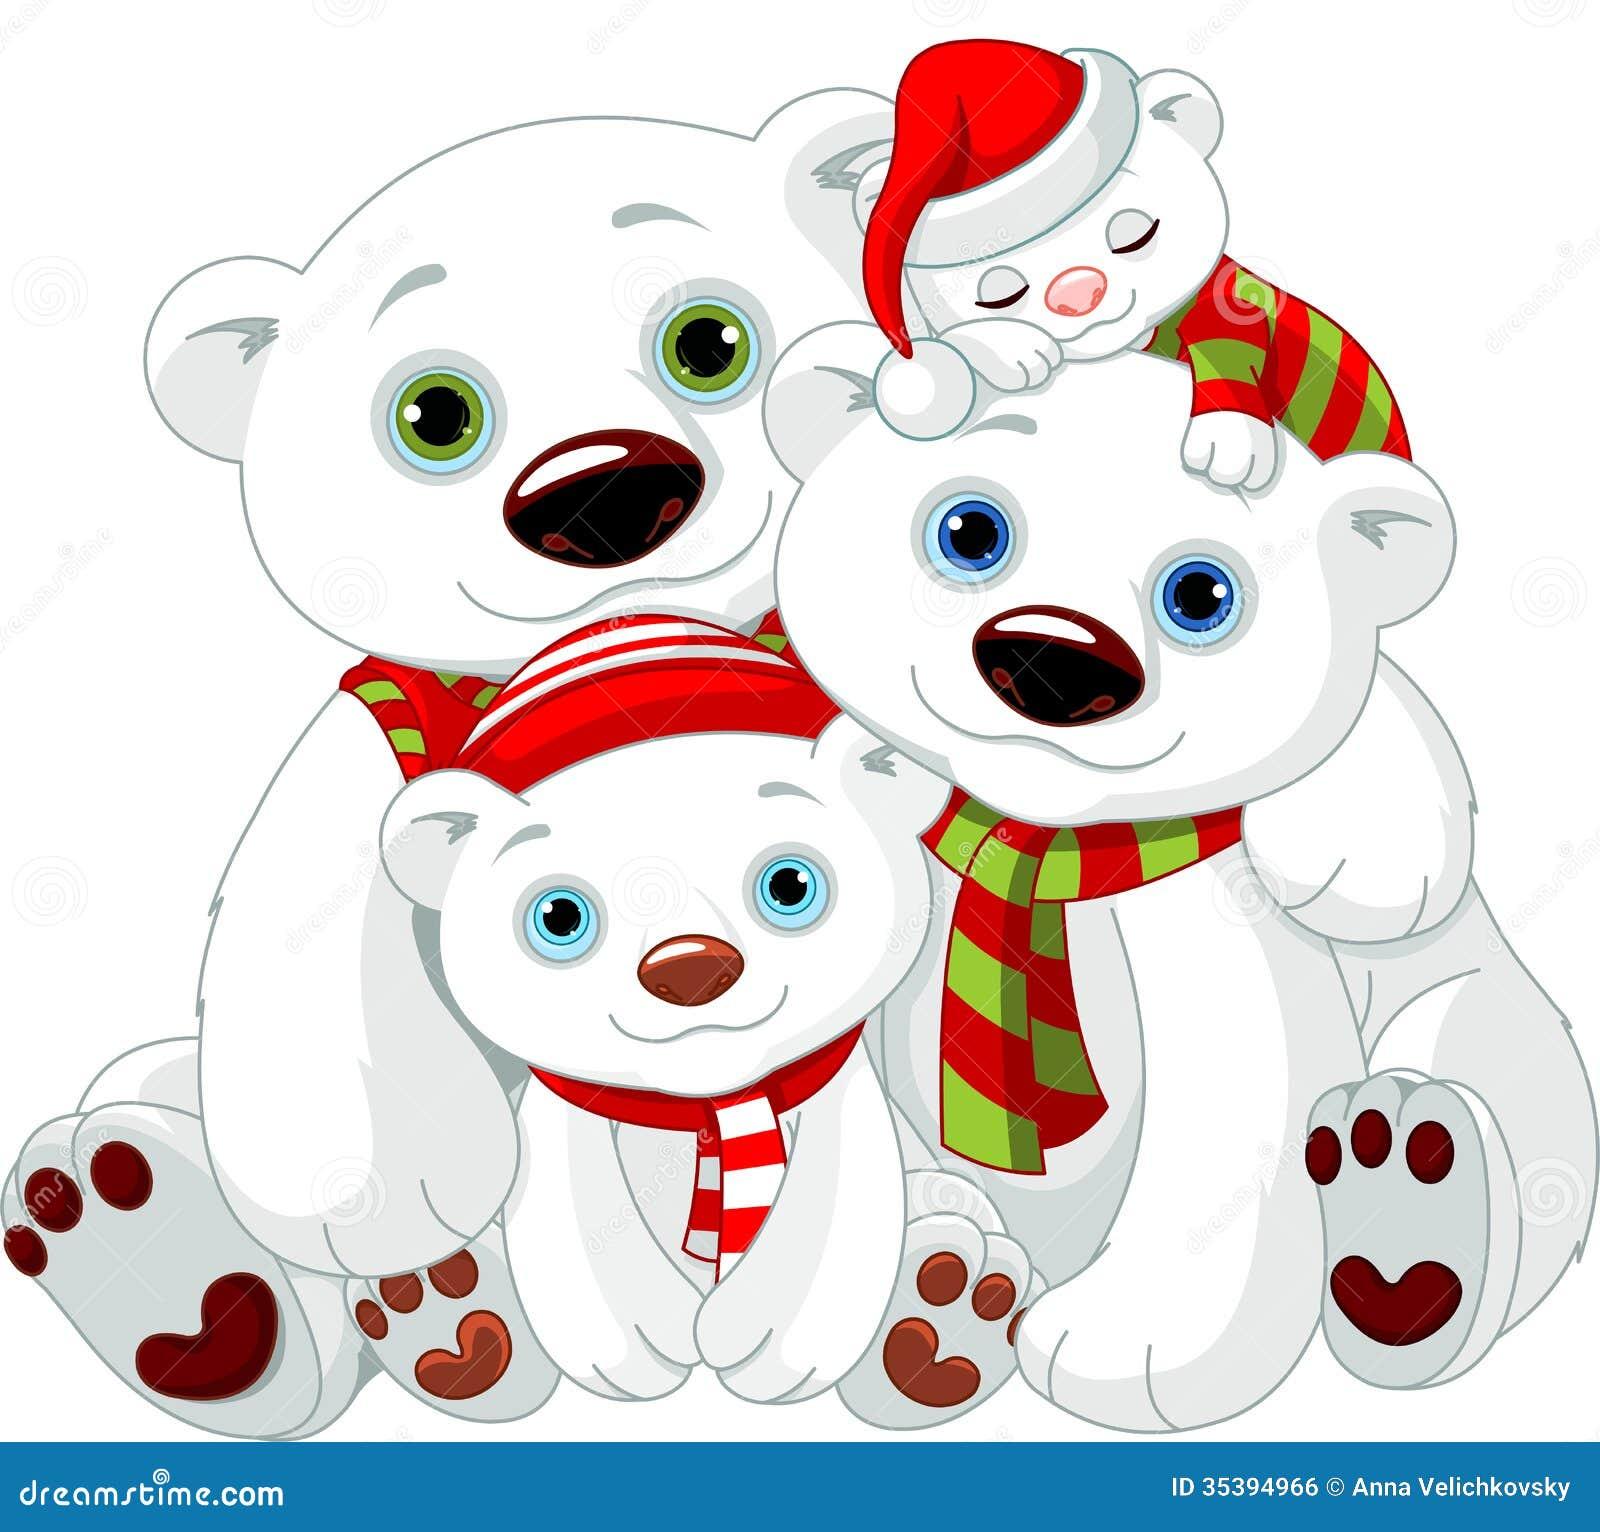 free clip art bear family - photo #22